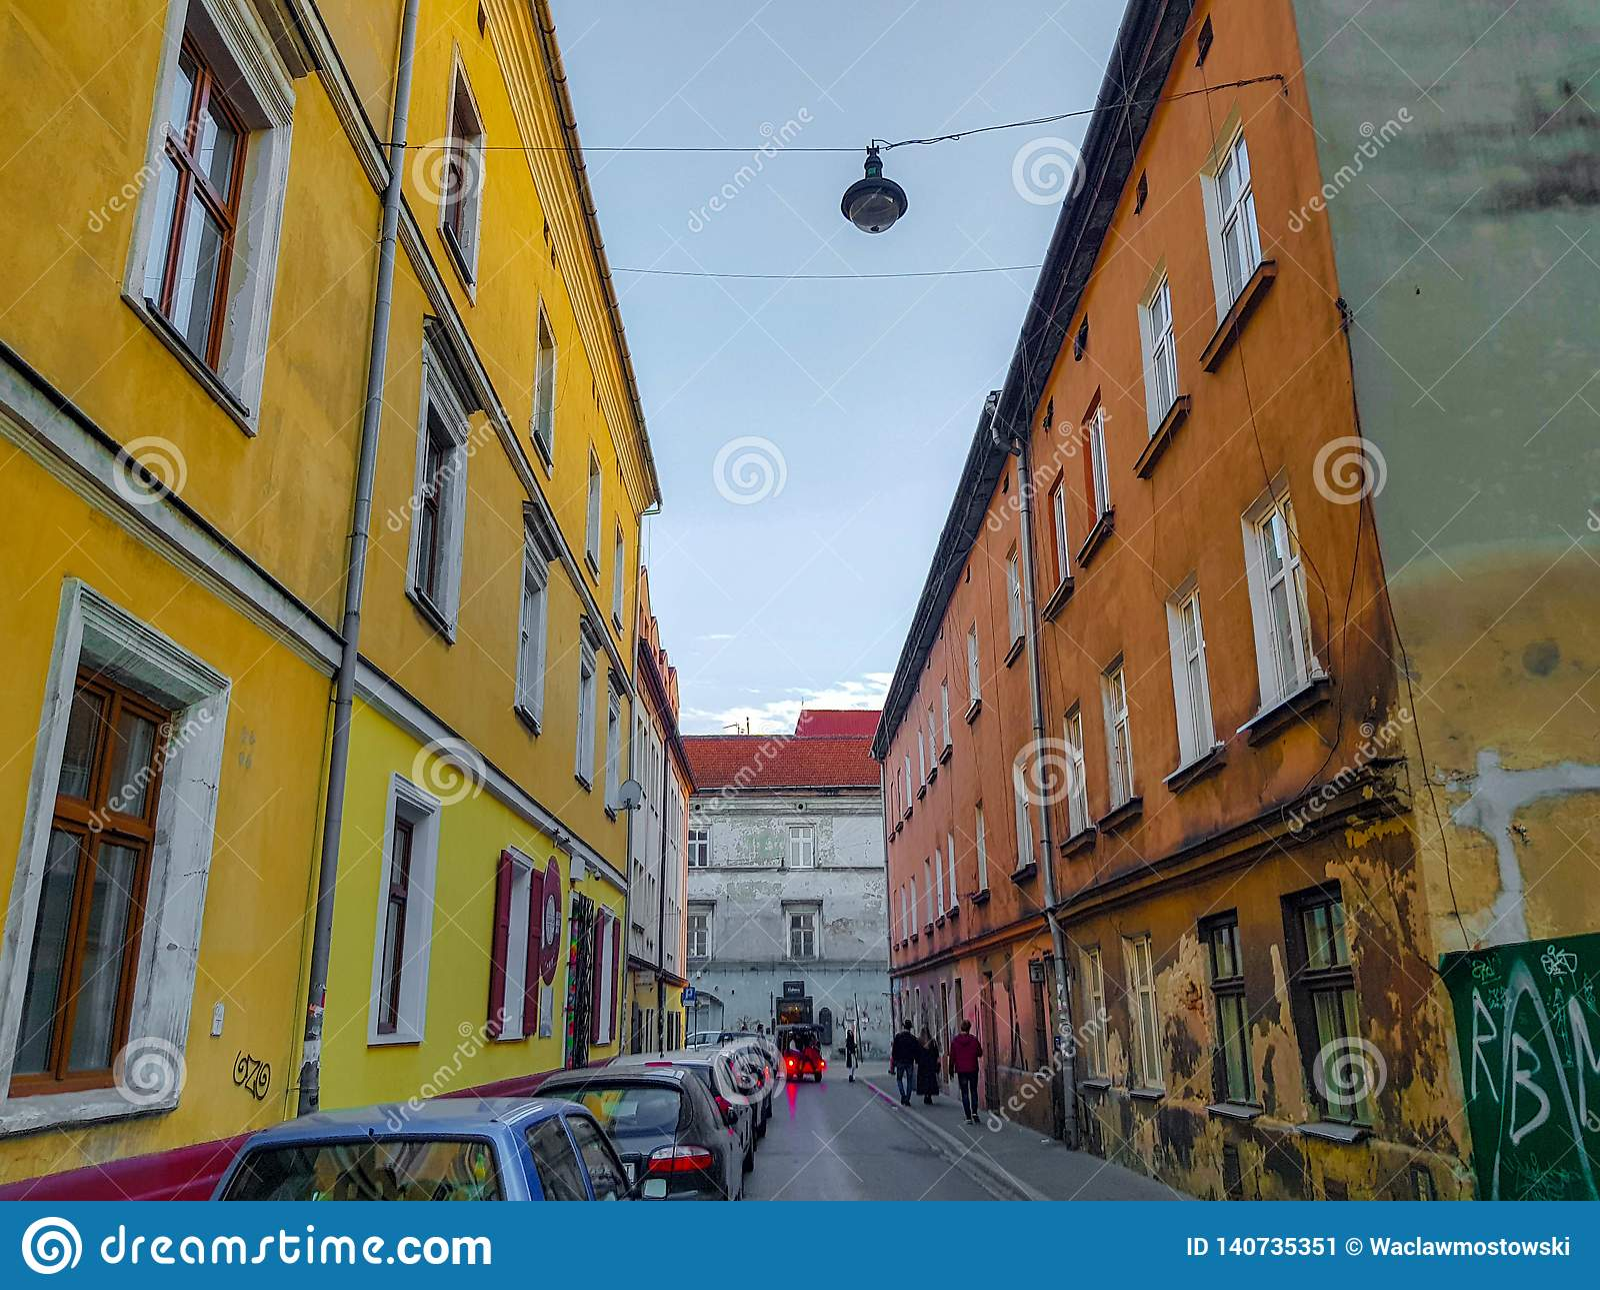 Krakow Jewish district of Kazimierz, Poland